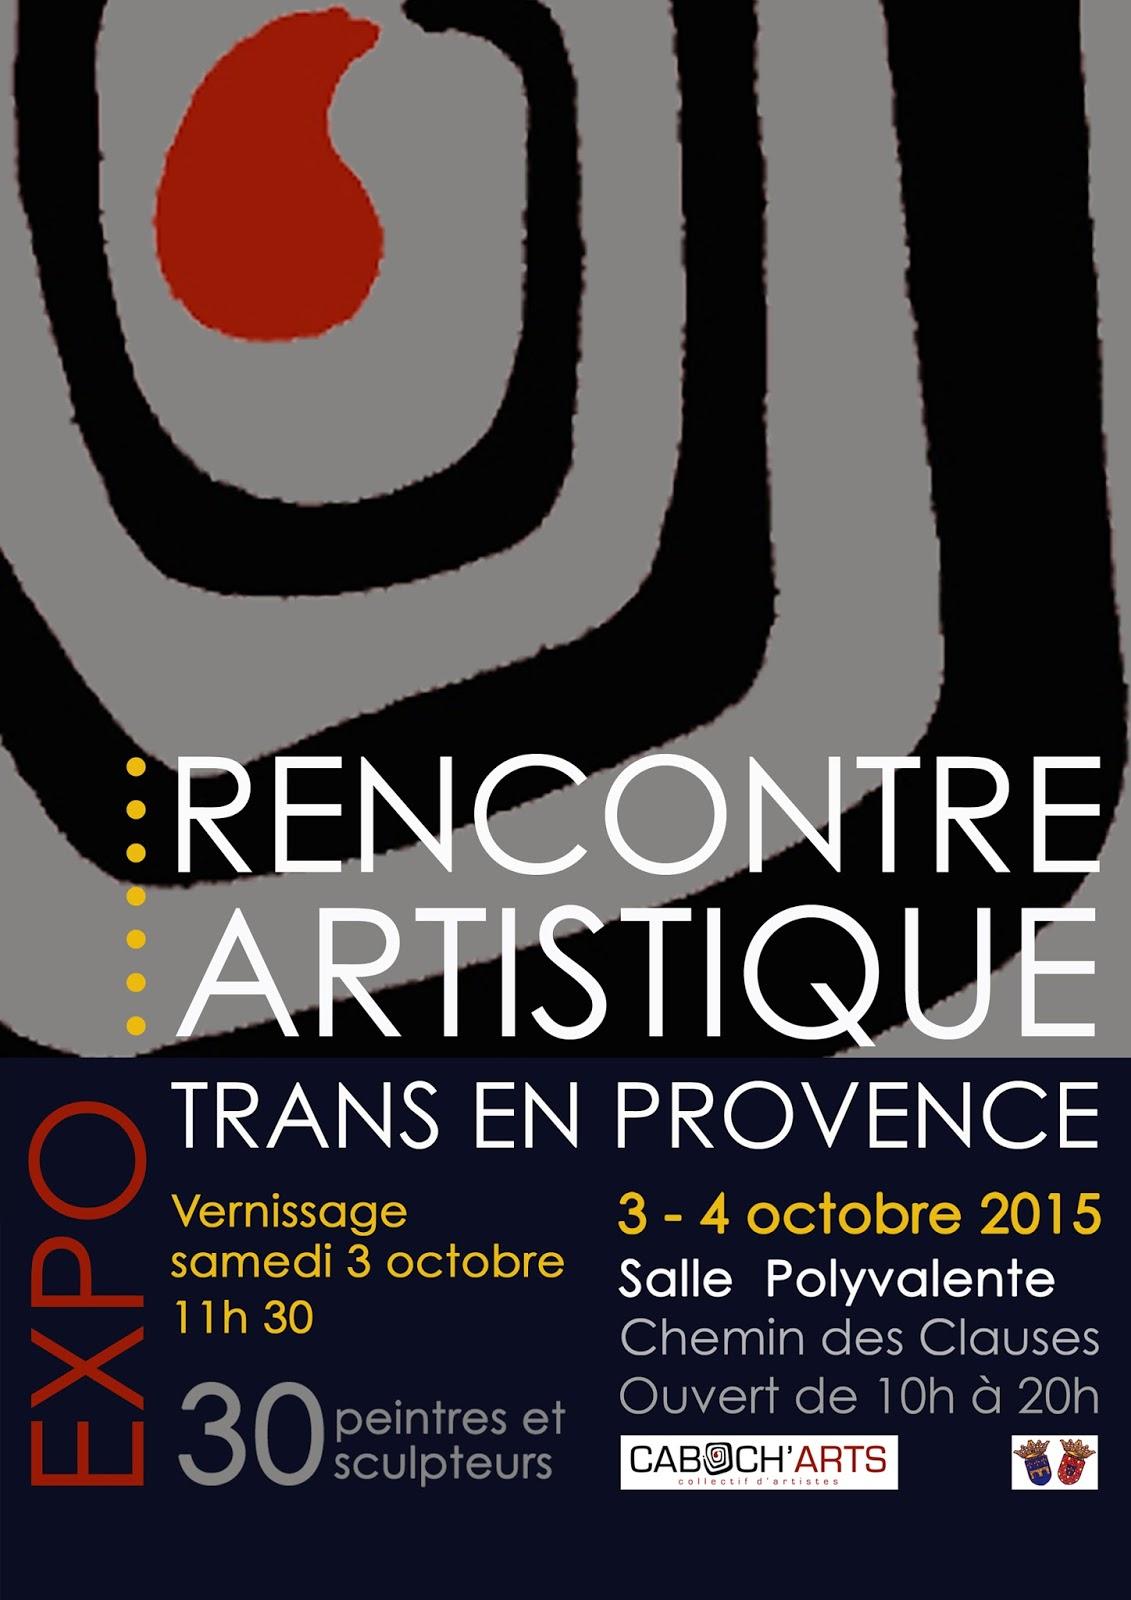 caboch u0026 39 arts  exposition  u0026quot rencontre artistique u0026quot  2015